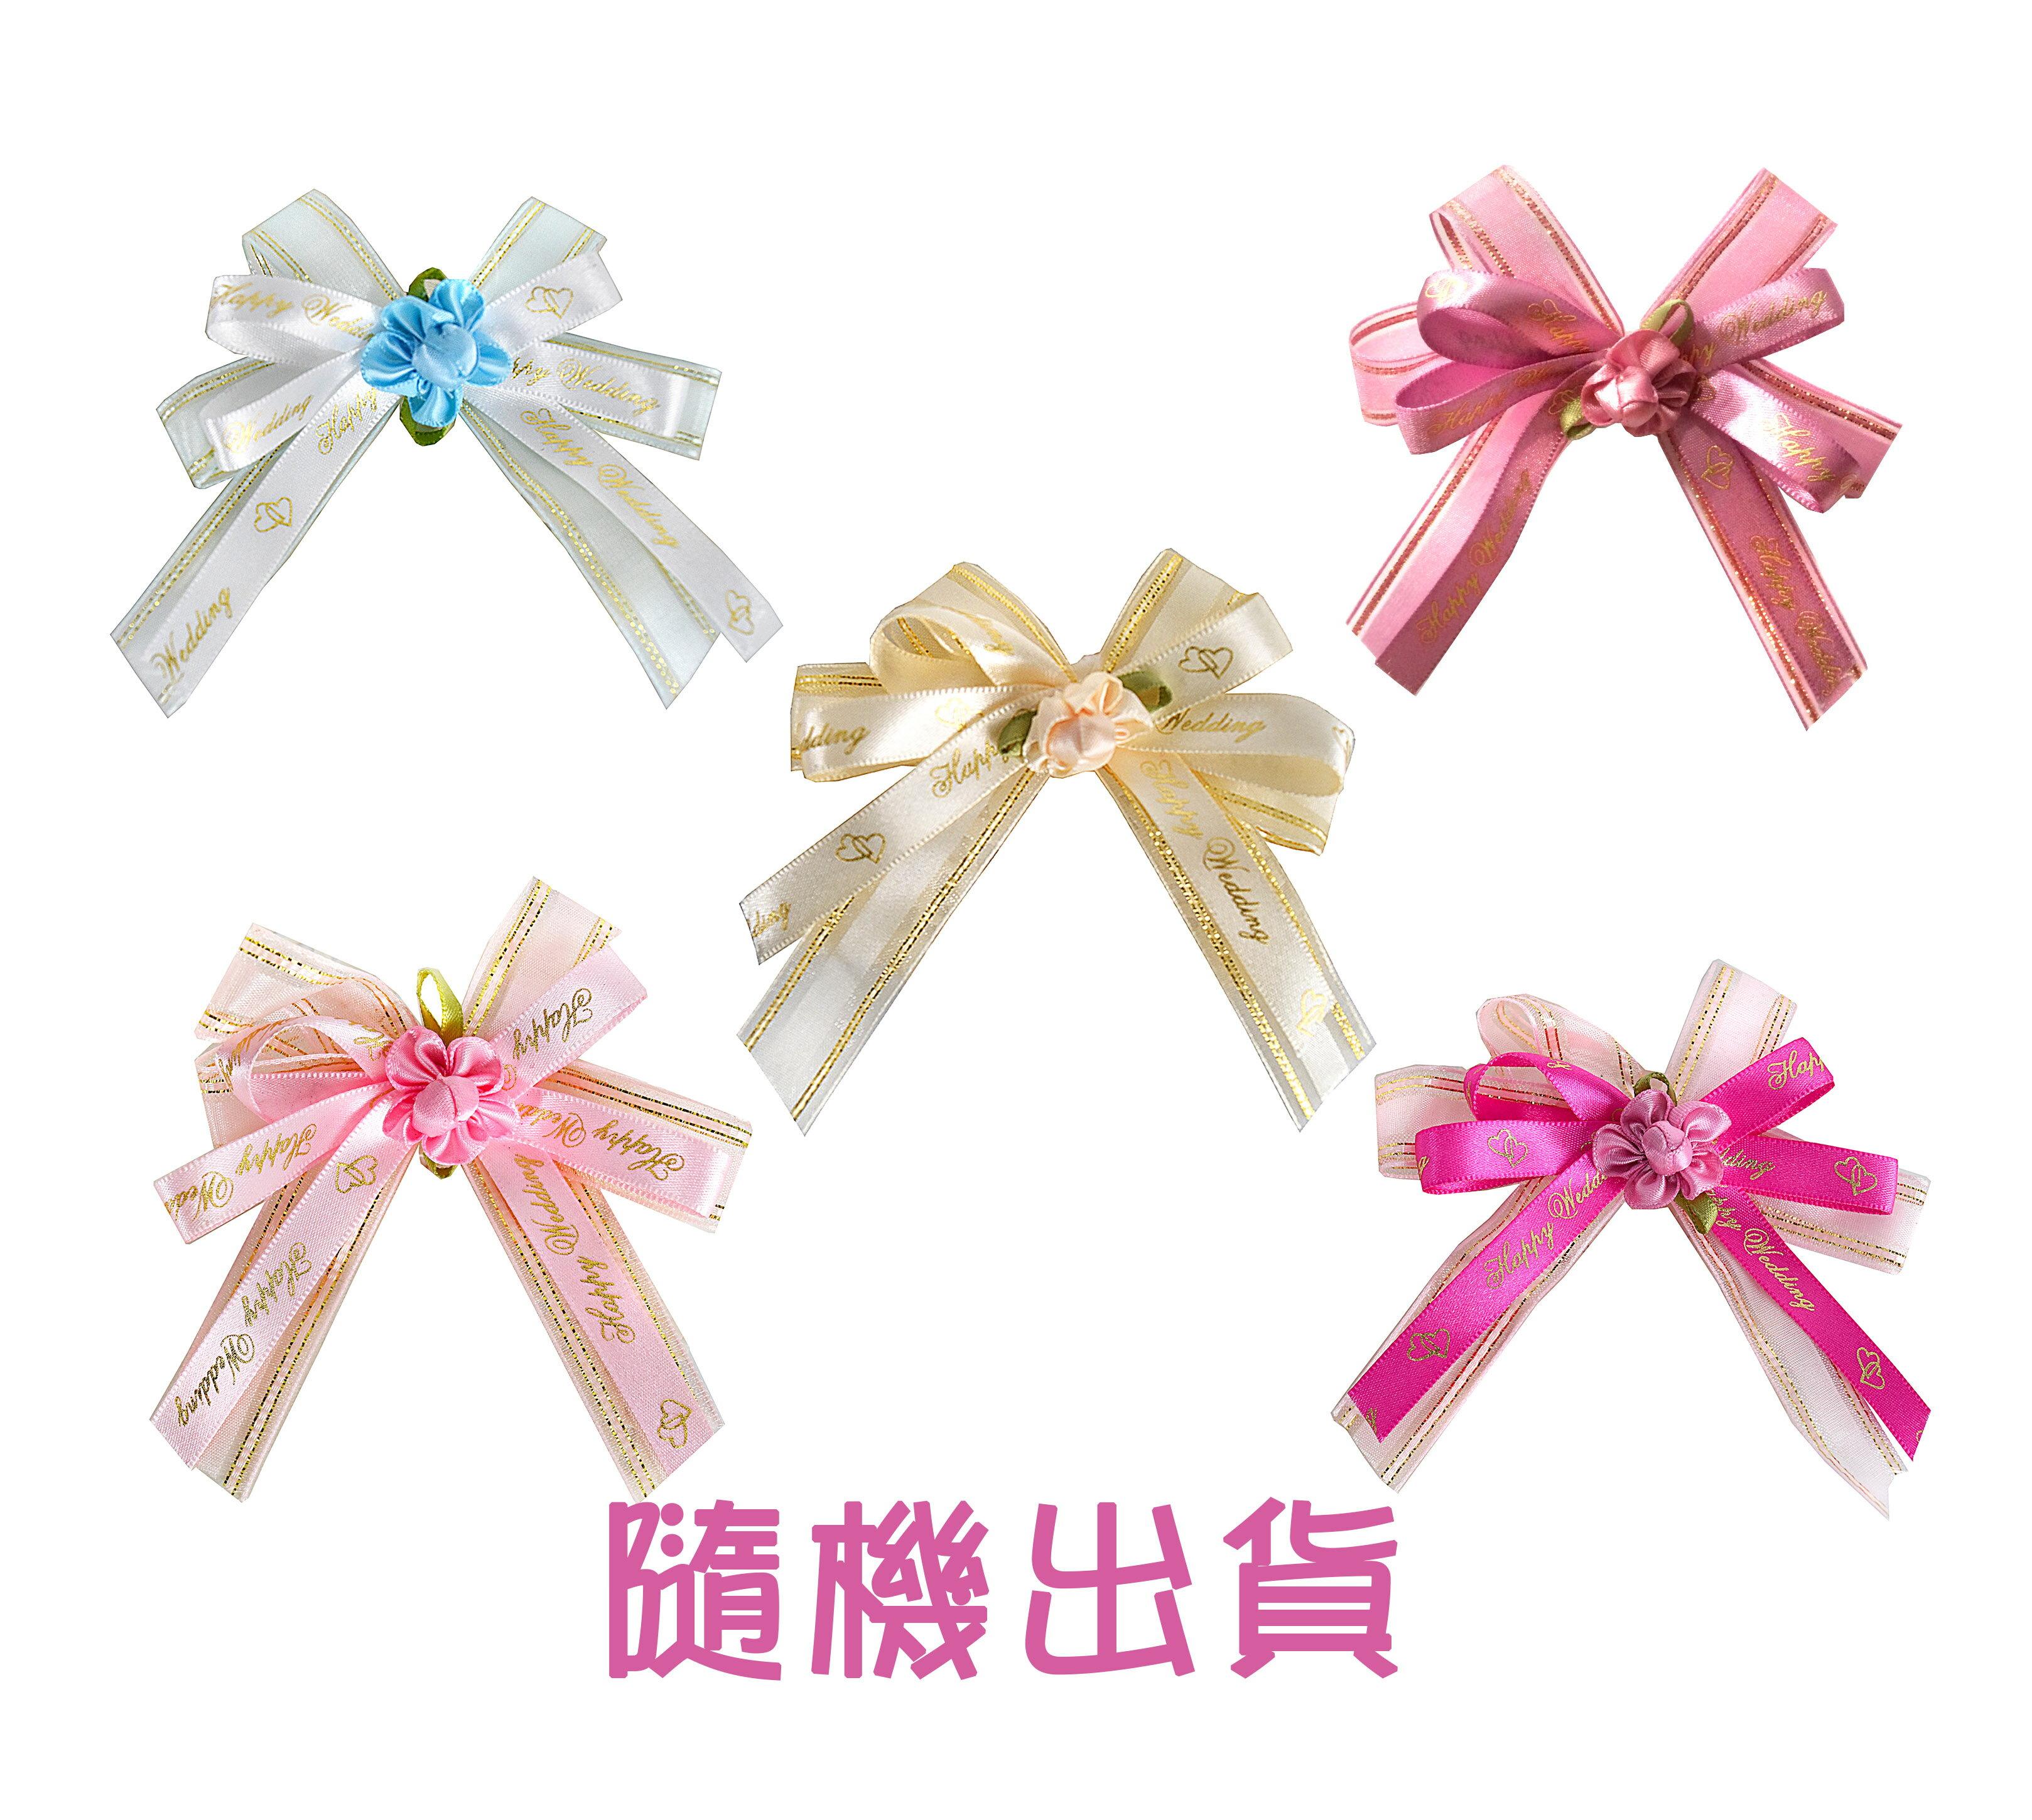 X射線【Y090018】緞帶花 (隨機出貨),婚禮小物/包裝材料/裝飾/緞面蝴蝶結/手工DIY/佈置/禮盒裝飾